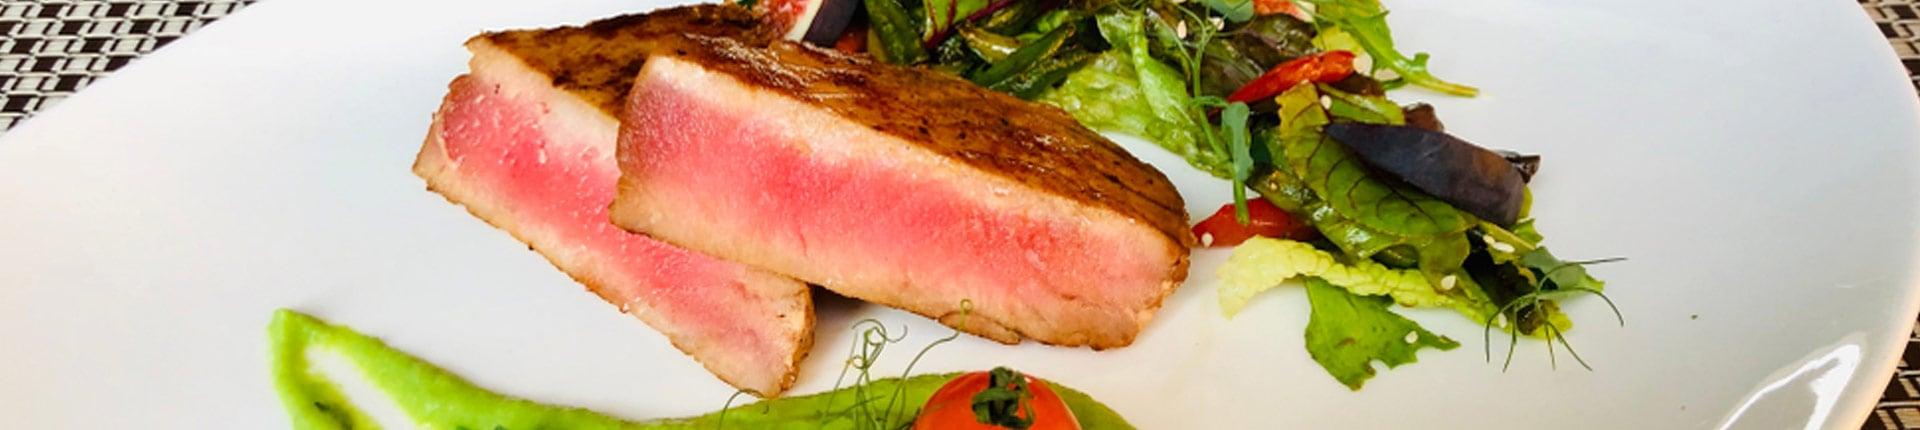 Czy tuńczyk jest zdrowy? Czy zawiera w sobie rtęć